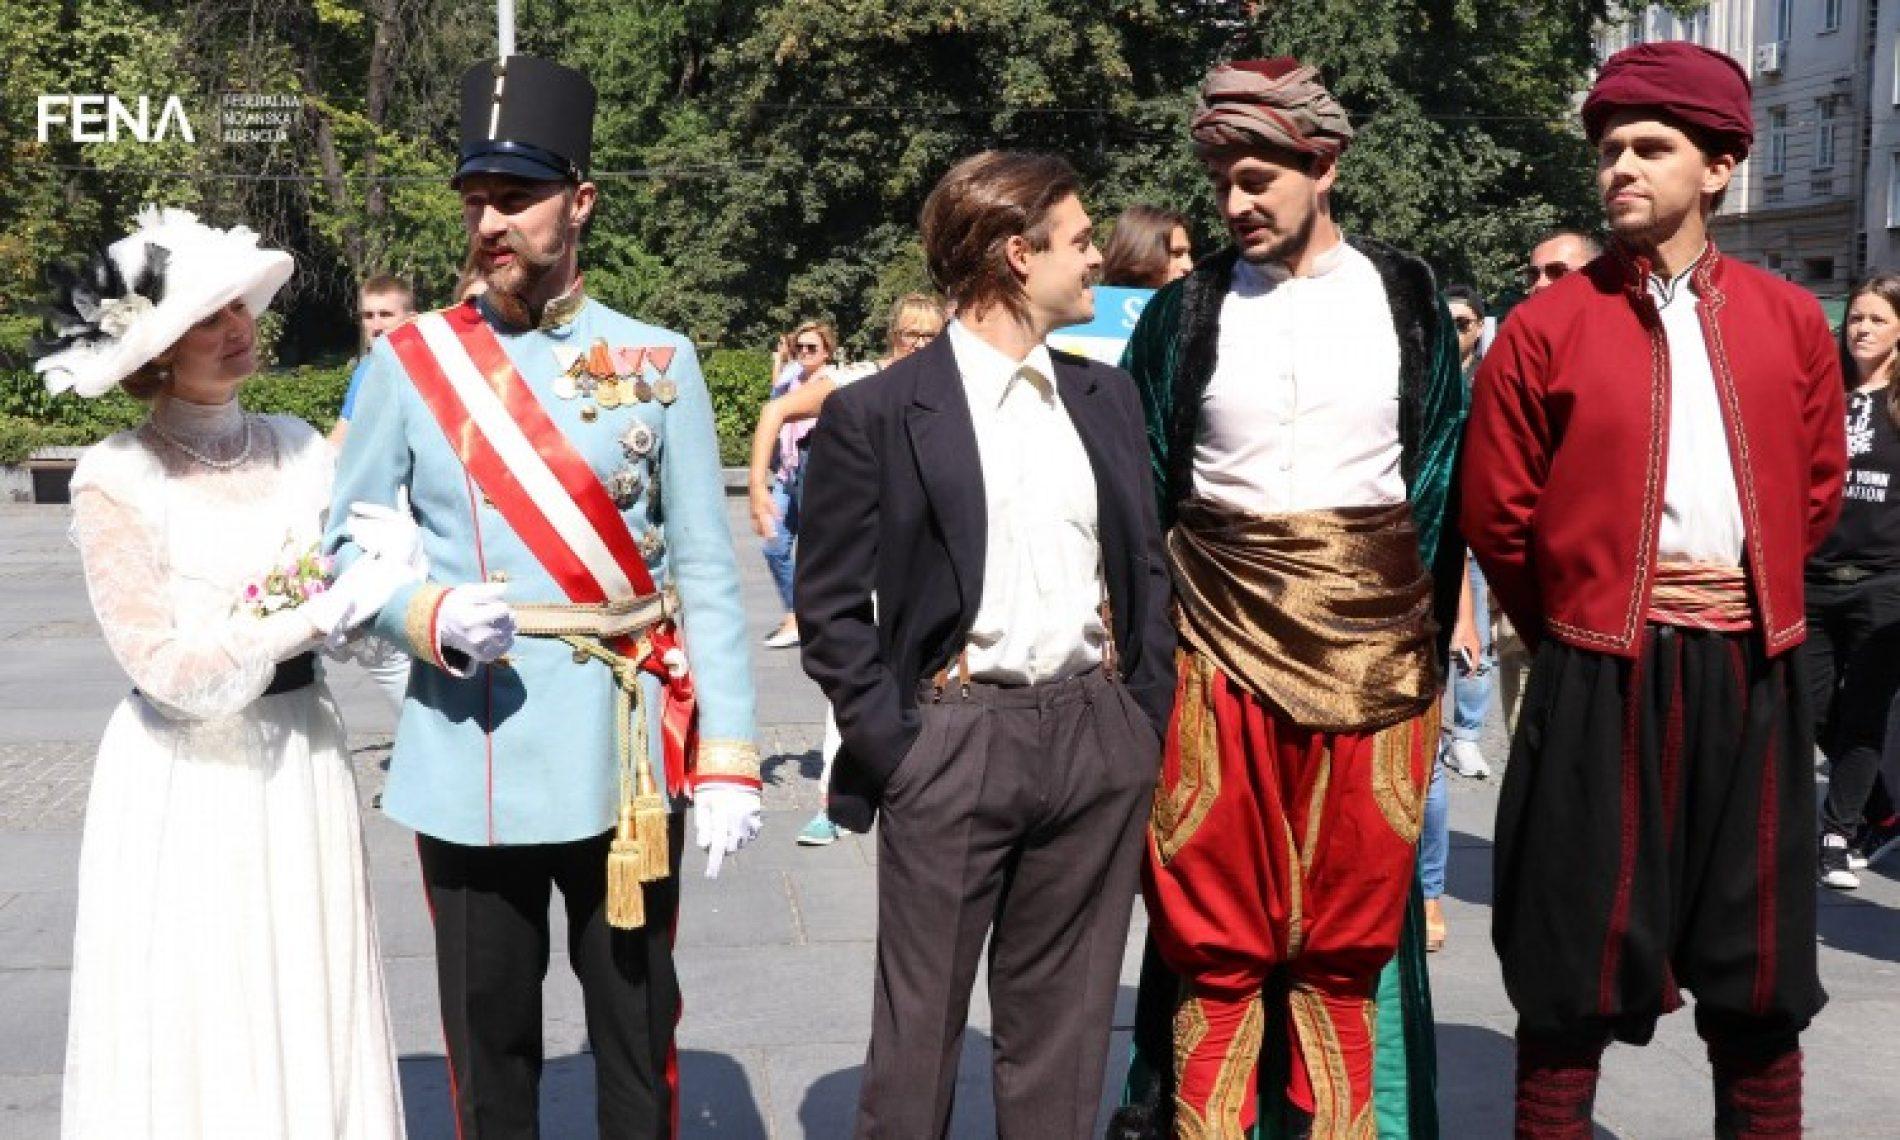 Glumci kostimirani u historijske ličnosti prošetali Sarajevom (VIDEO)